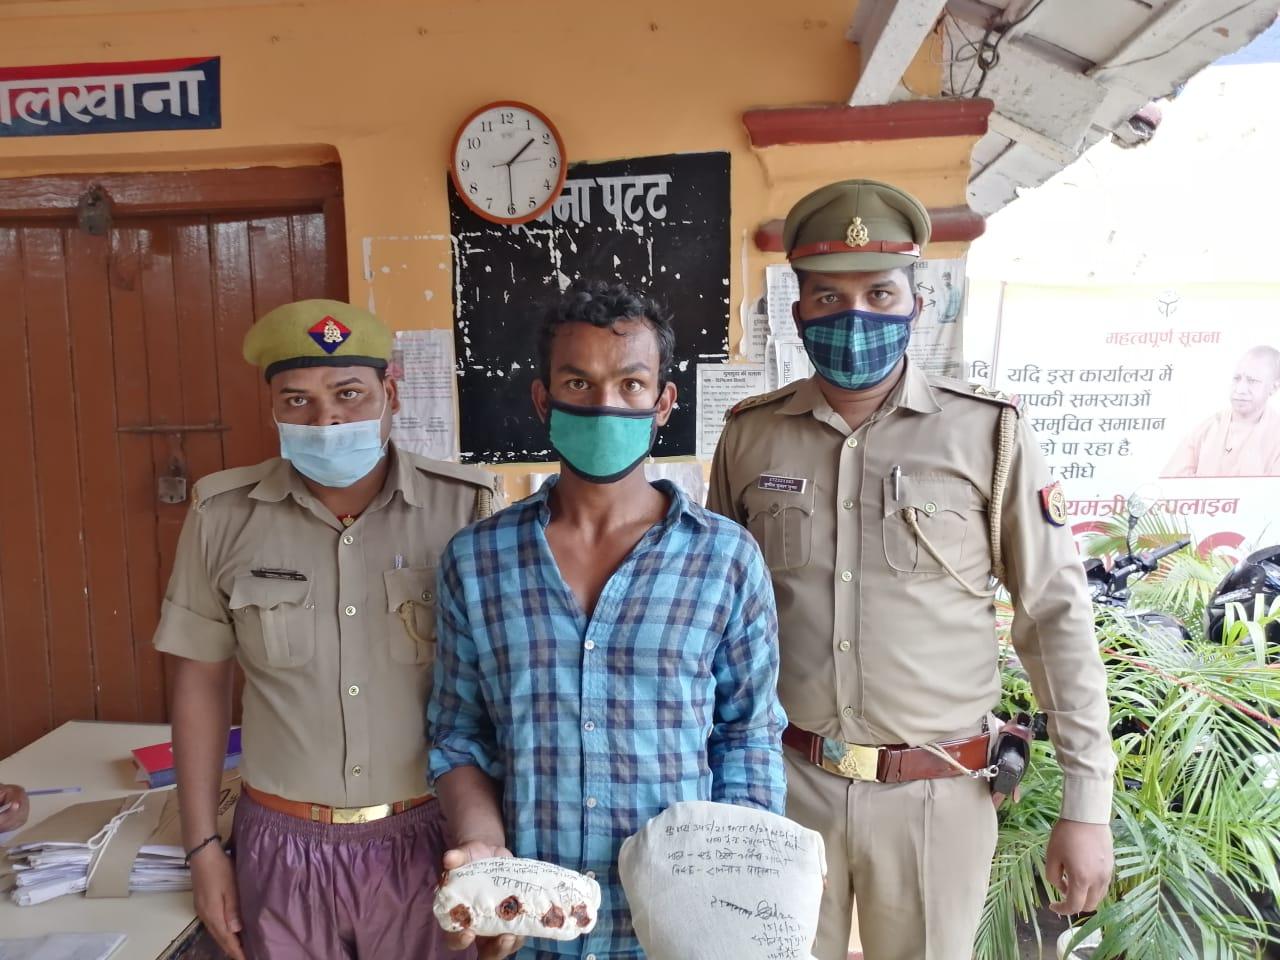 गोरखपुर में गांजा की सप्लाई करने वाला तस्कर चढ़ा पुलिस के हत्थे ;1.25 किलो गांजा बरामद, तस्कर पर दर्ज हैं कई केस गोरखपुर,Gorakhpur - Dainik Bhaskar